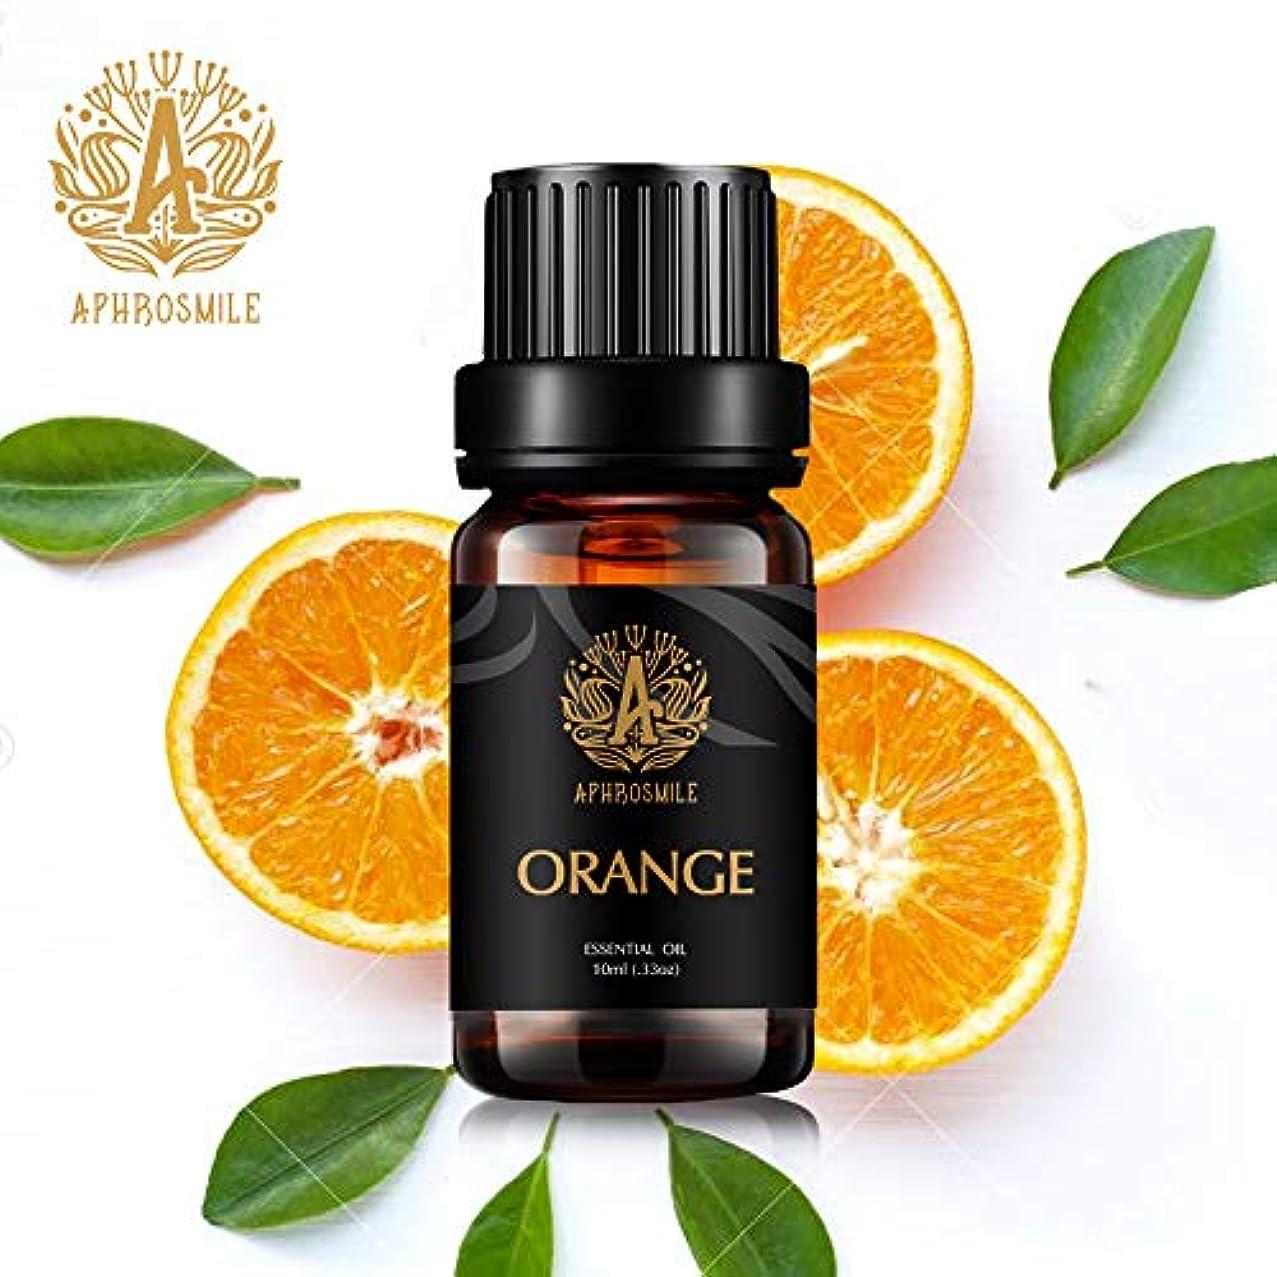 具体的に後継代替Aphrosmile オレンジ エッセンシャル オイル FDA 認定 100% ピュア オレンジ オイル、有機治療グレードのアロマテラピー エッセンシャル オイル 10mL/0.33oz